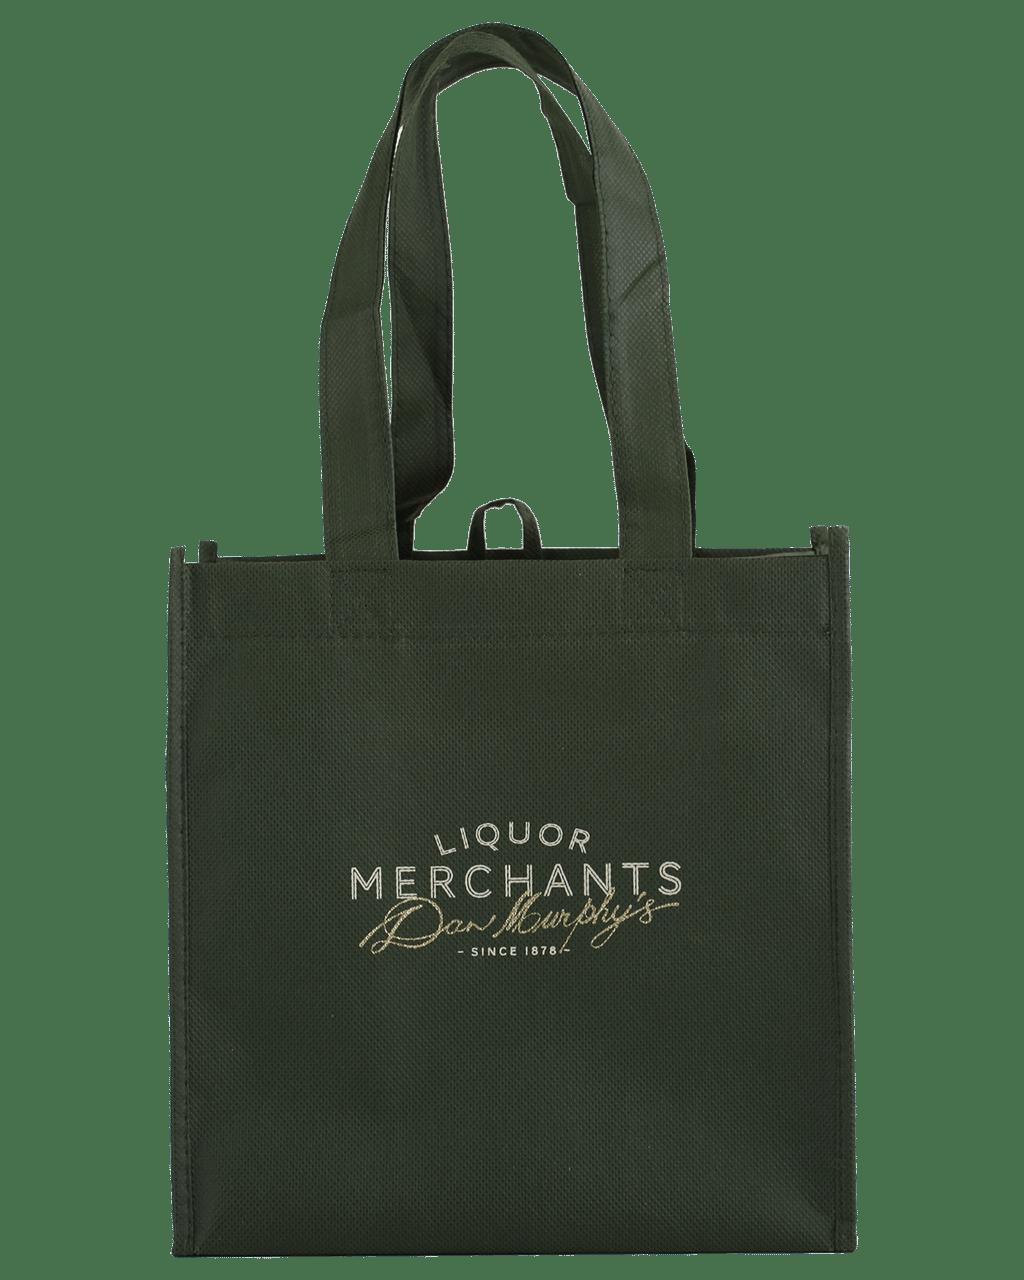 Dan Murphy s Shopping Bag   Dan Murphy s   Buy Wine, Champagne, Beer ... 2b626d3142